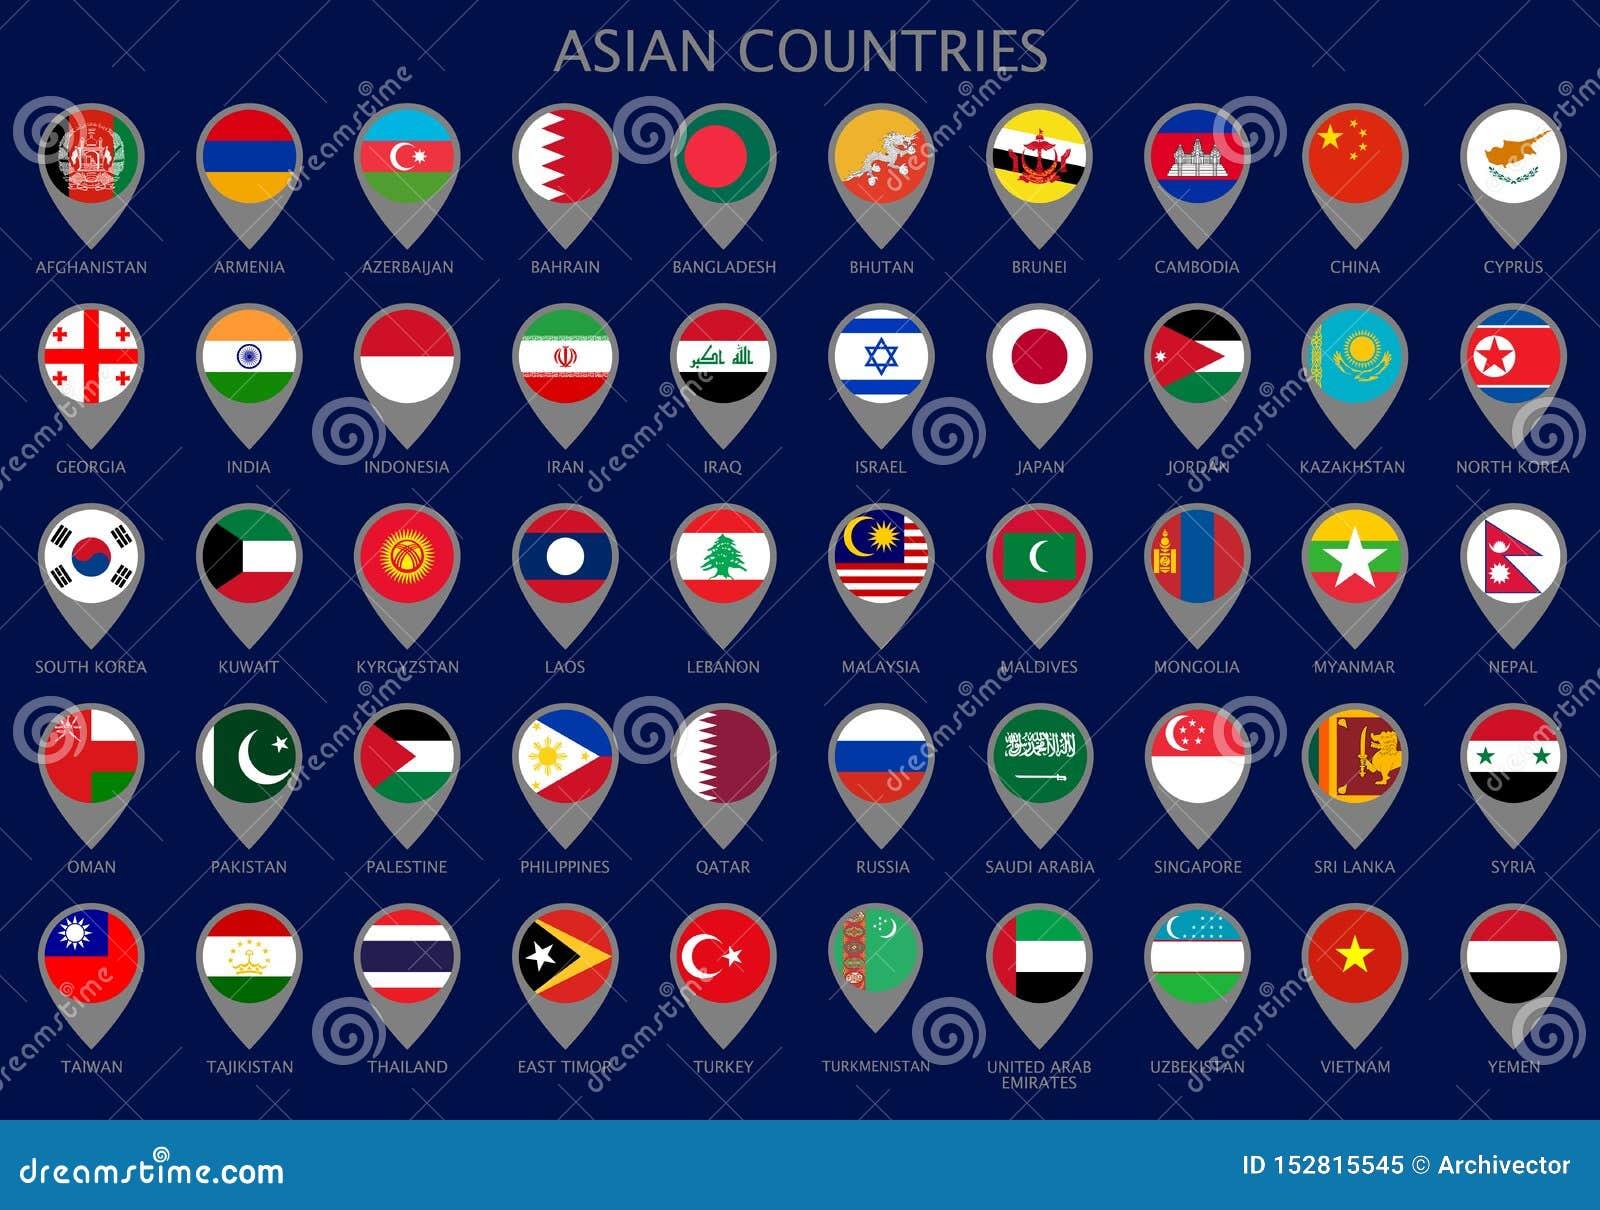 Indicadores del mapa con todas las banderas de los países asiáticos